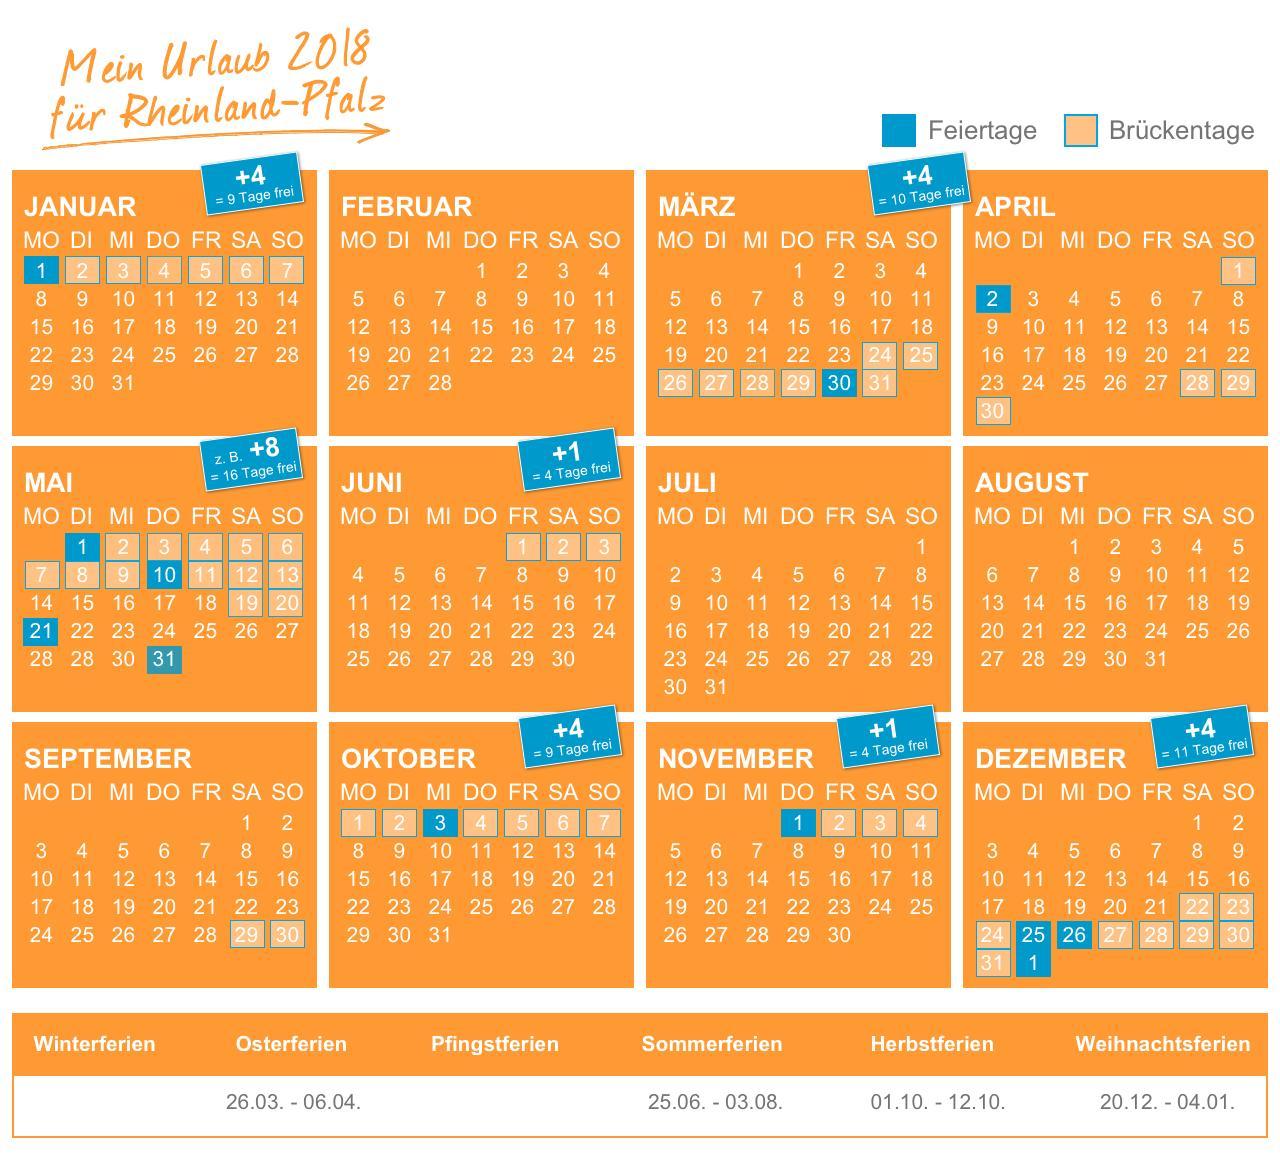 urlaubsplaner-brueckentagsplaner-ferien-feiertage-rheinland-pfalz